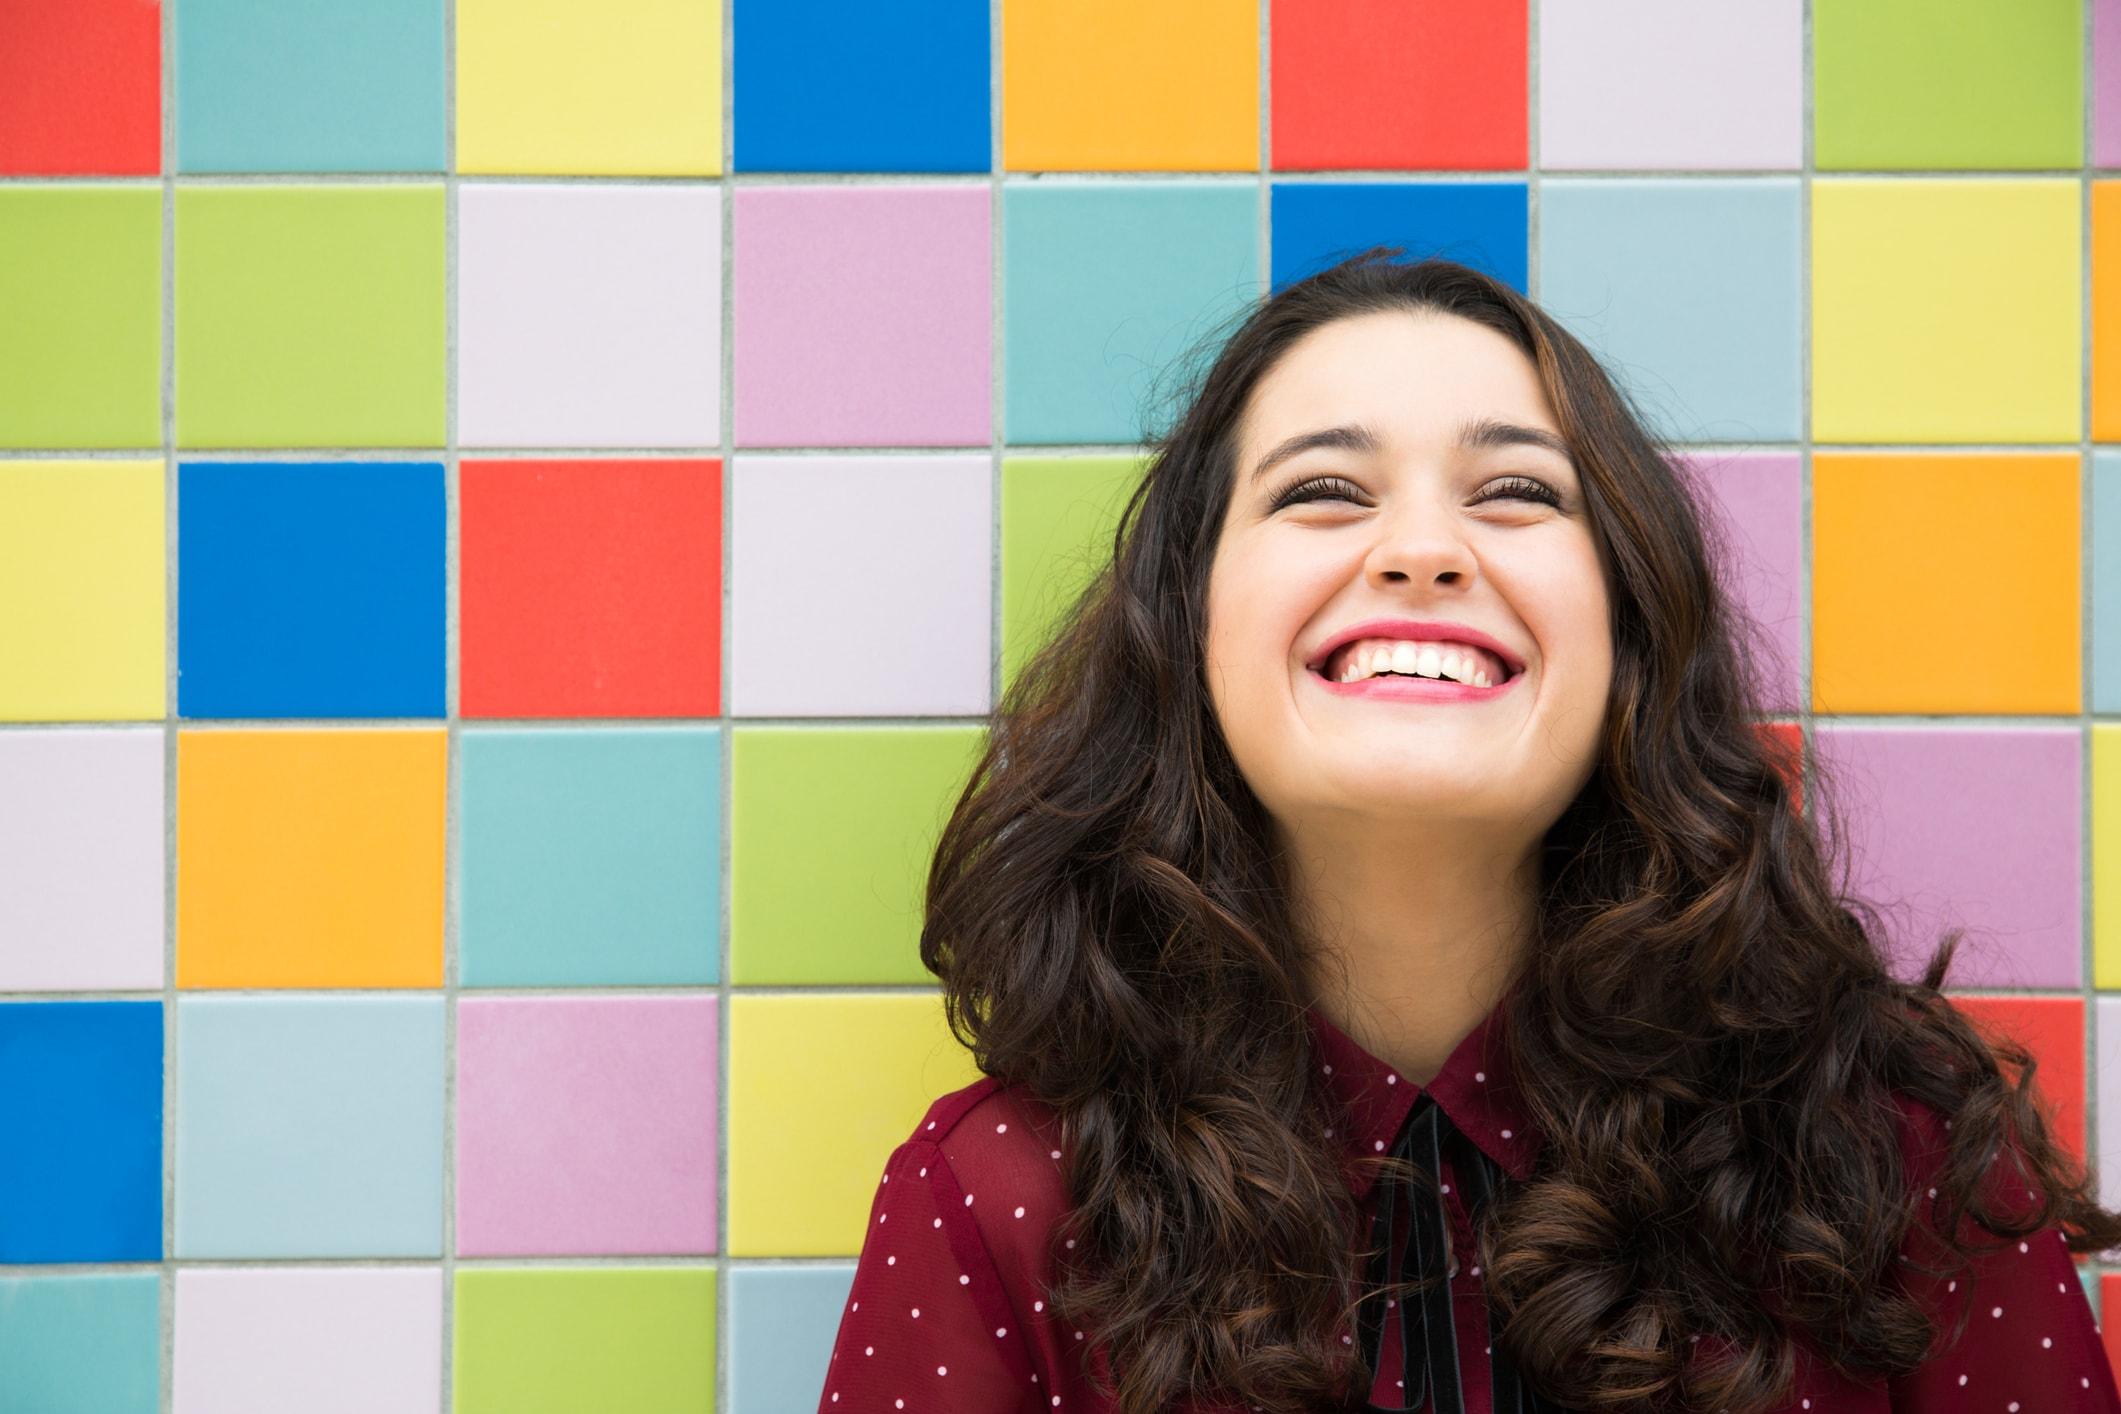 Frau lacht, bunter Hintergrund